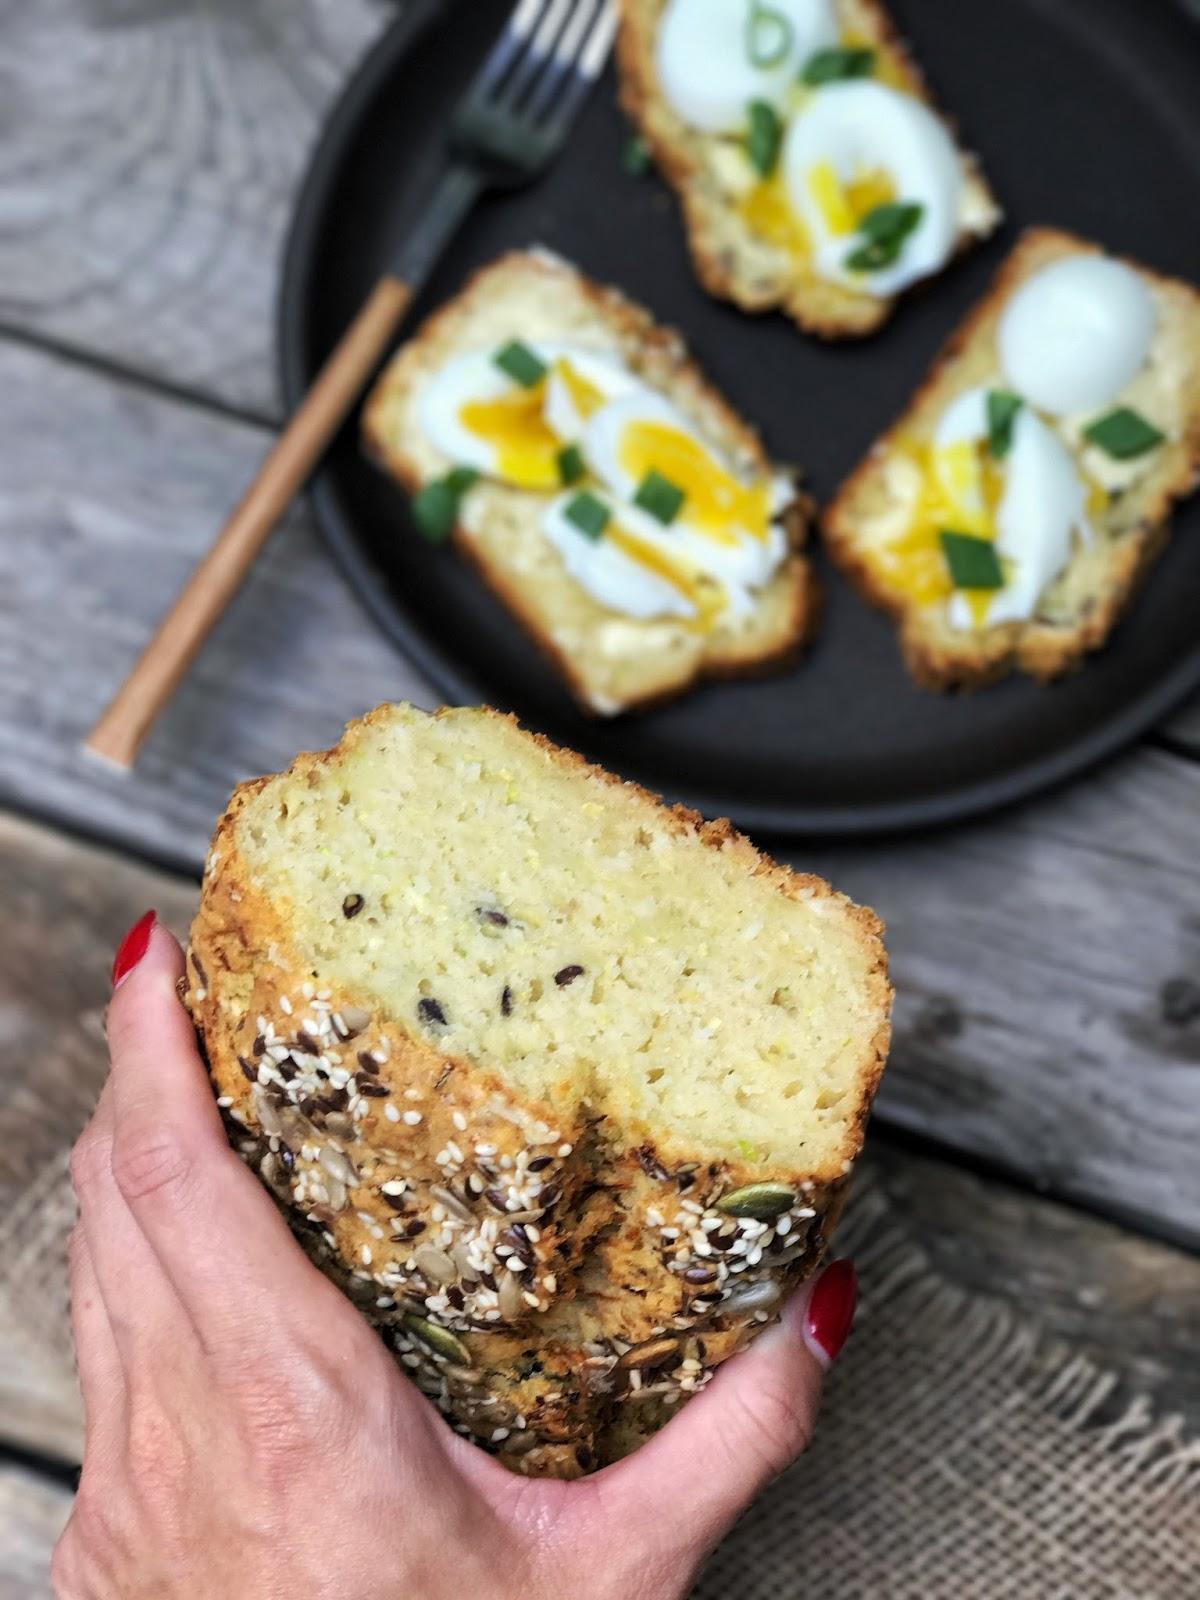 Wytrawny chlebek z cukinii